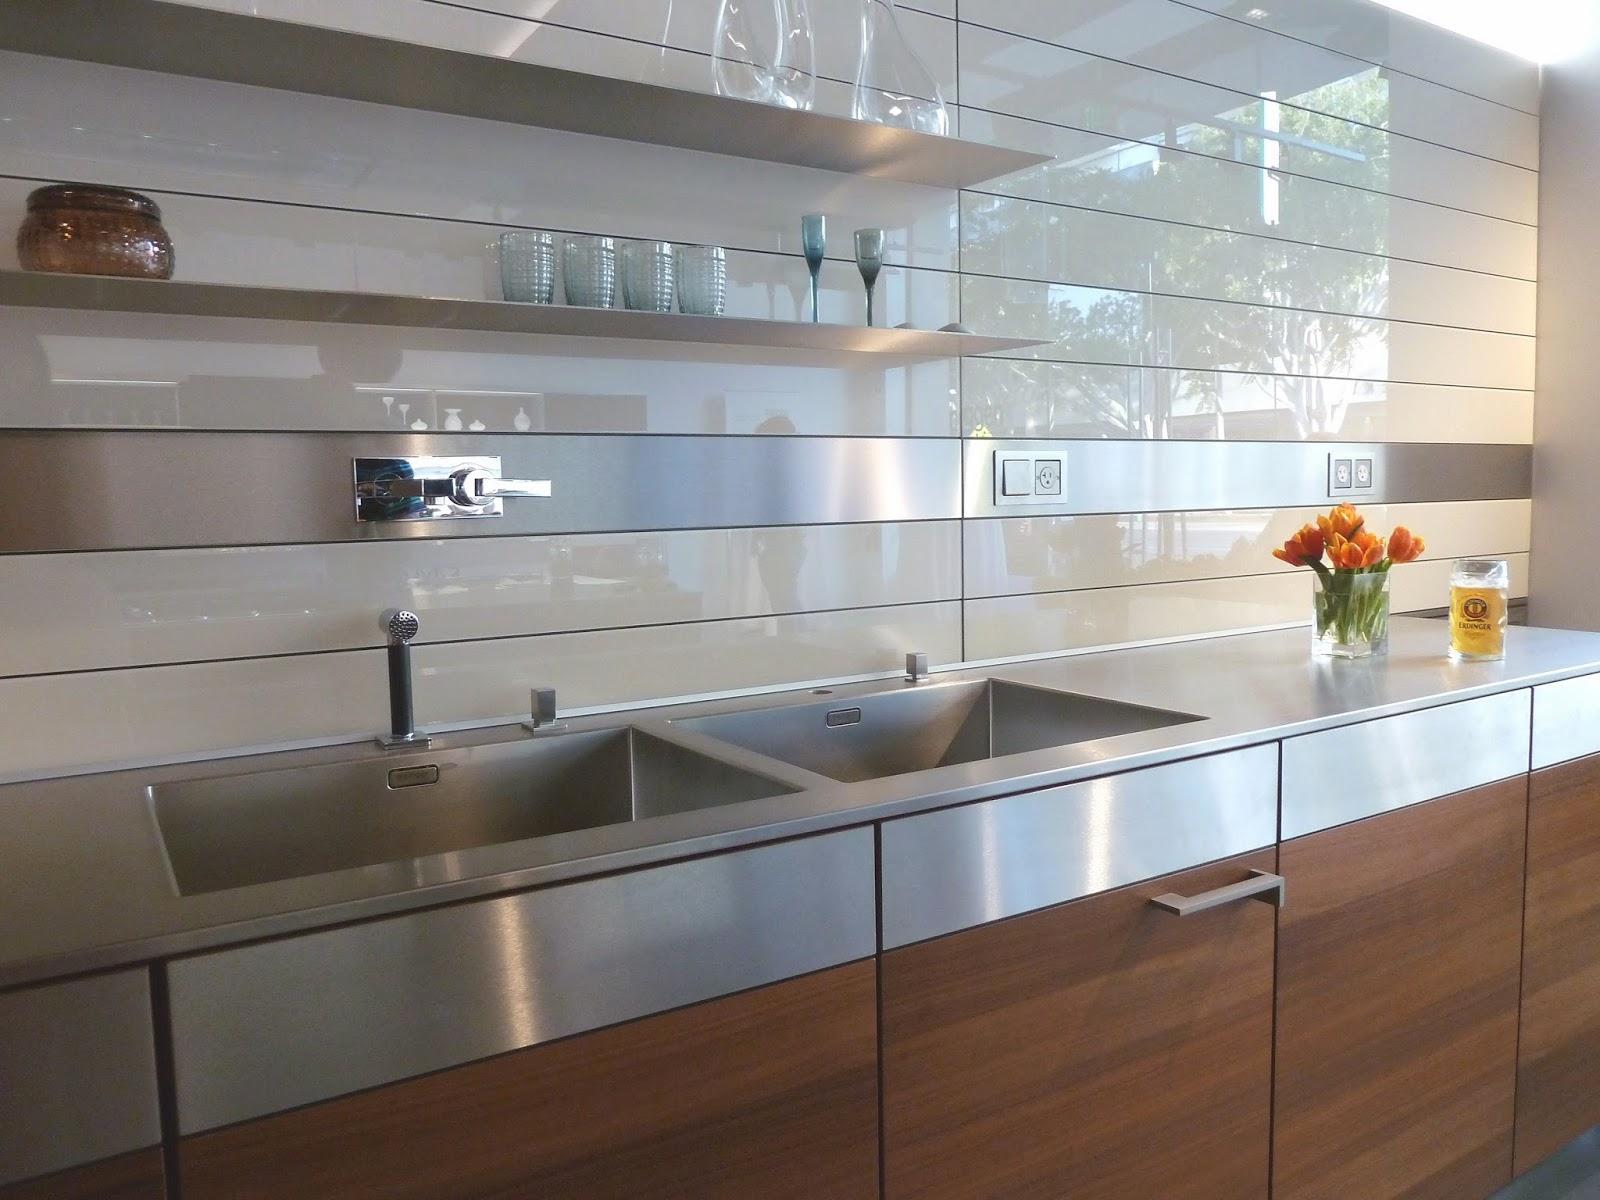 панели для отделки кухни картинки сборки фона